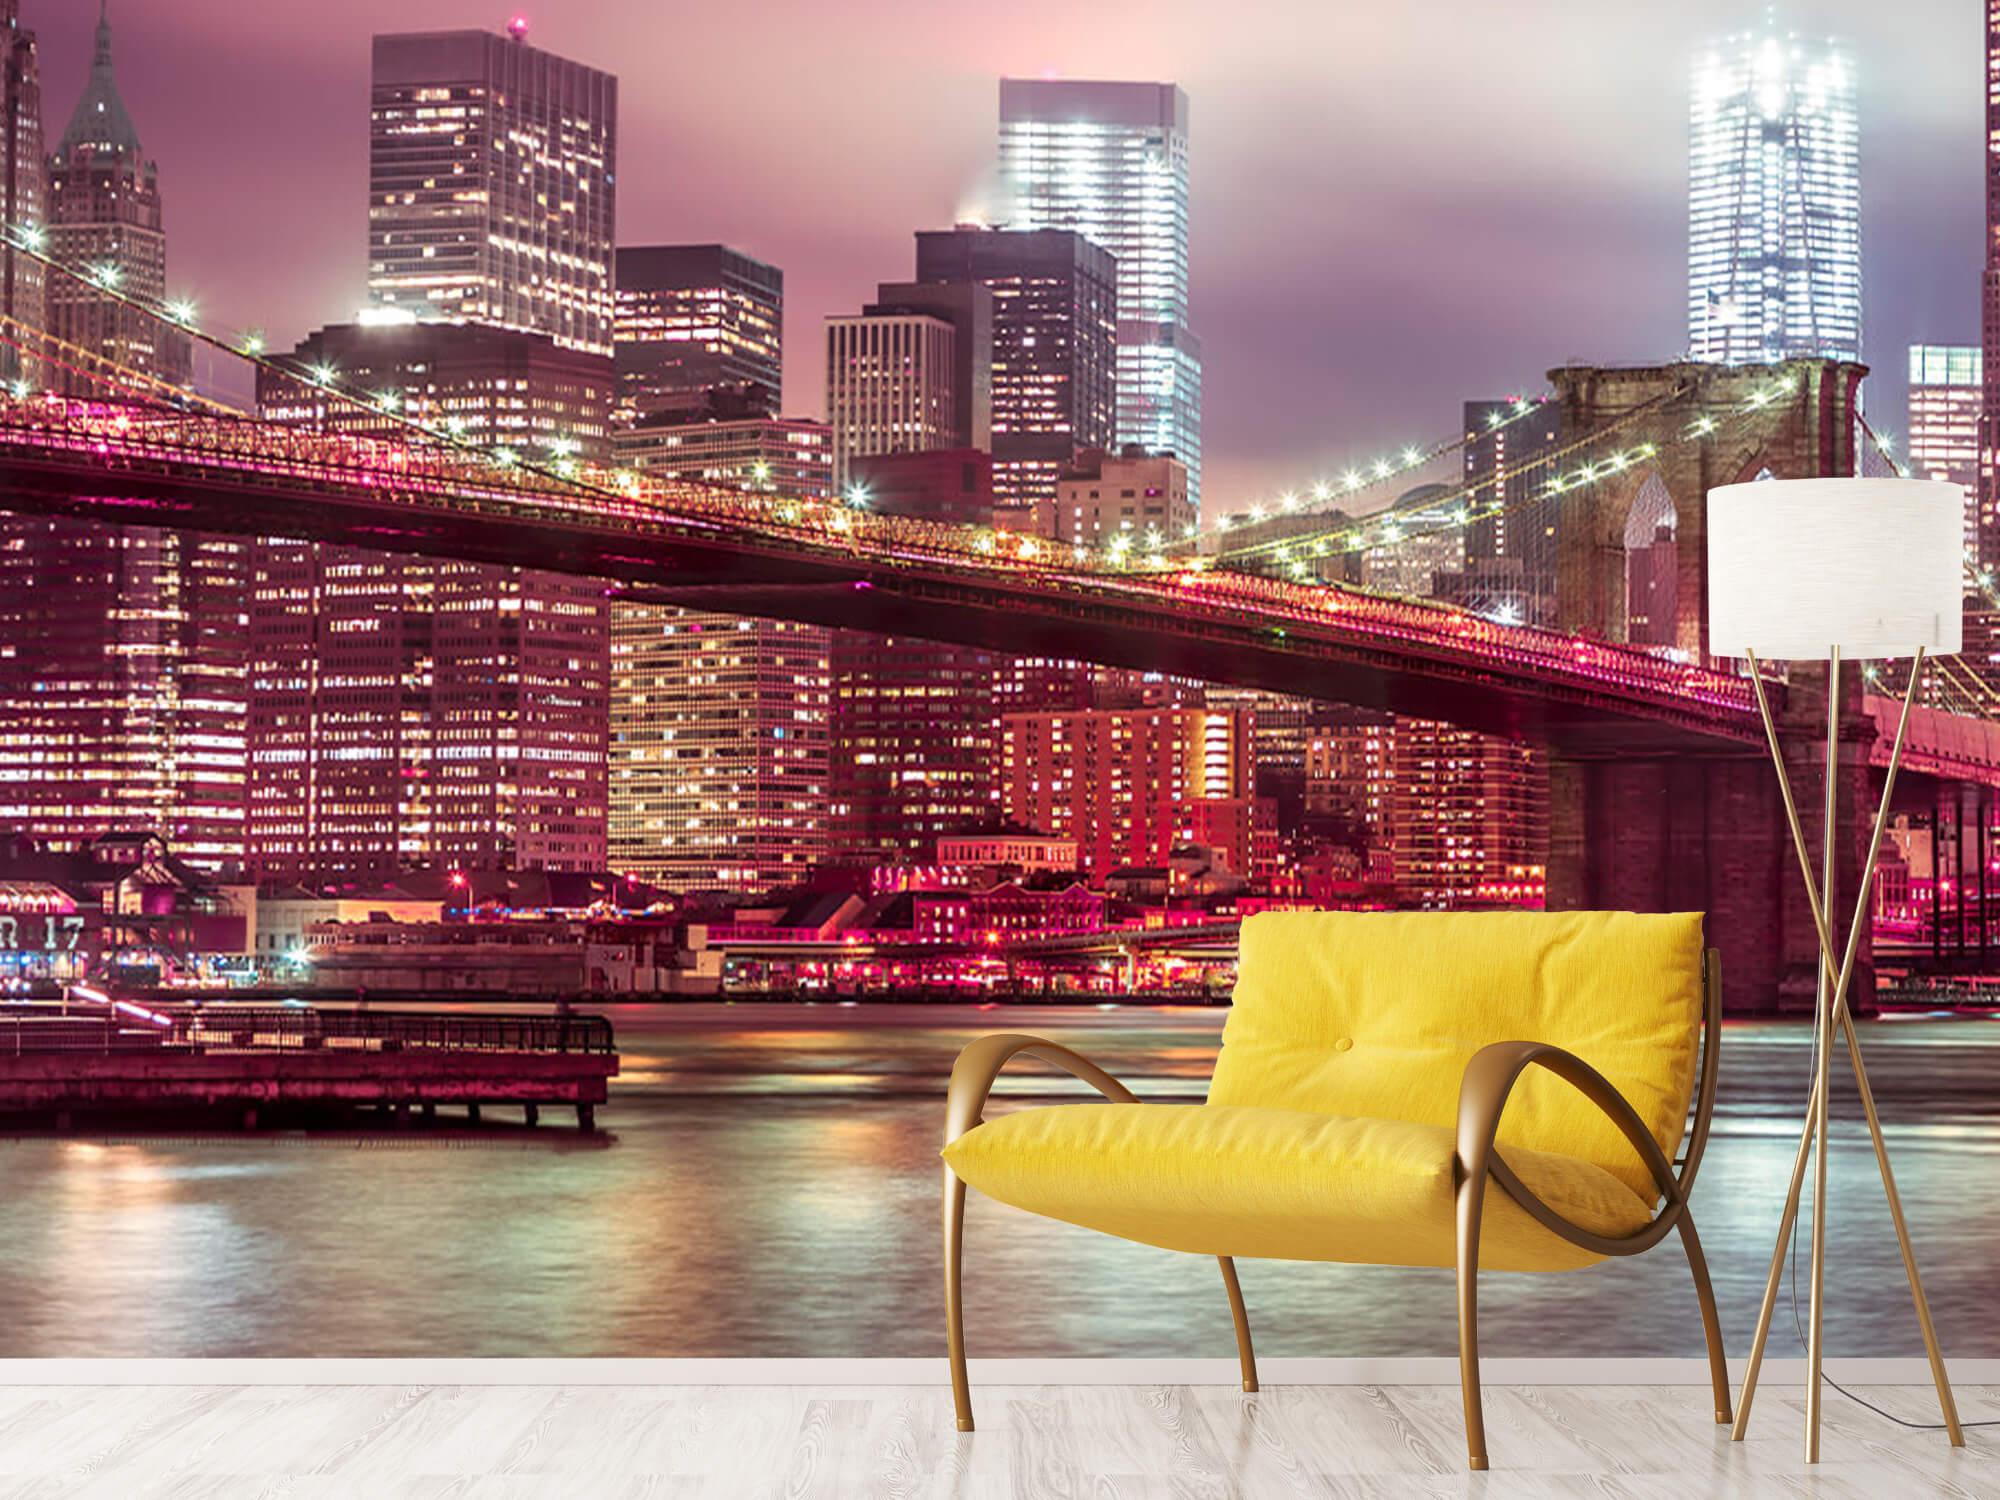 Soirée à Manhattan 2